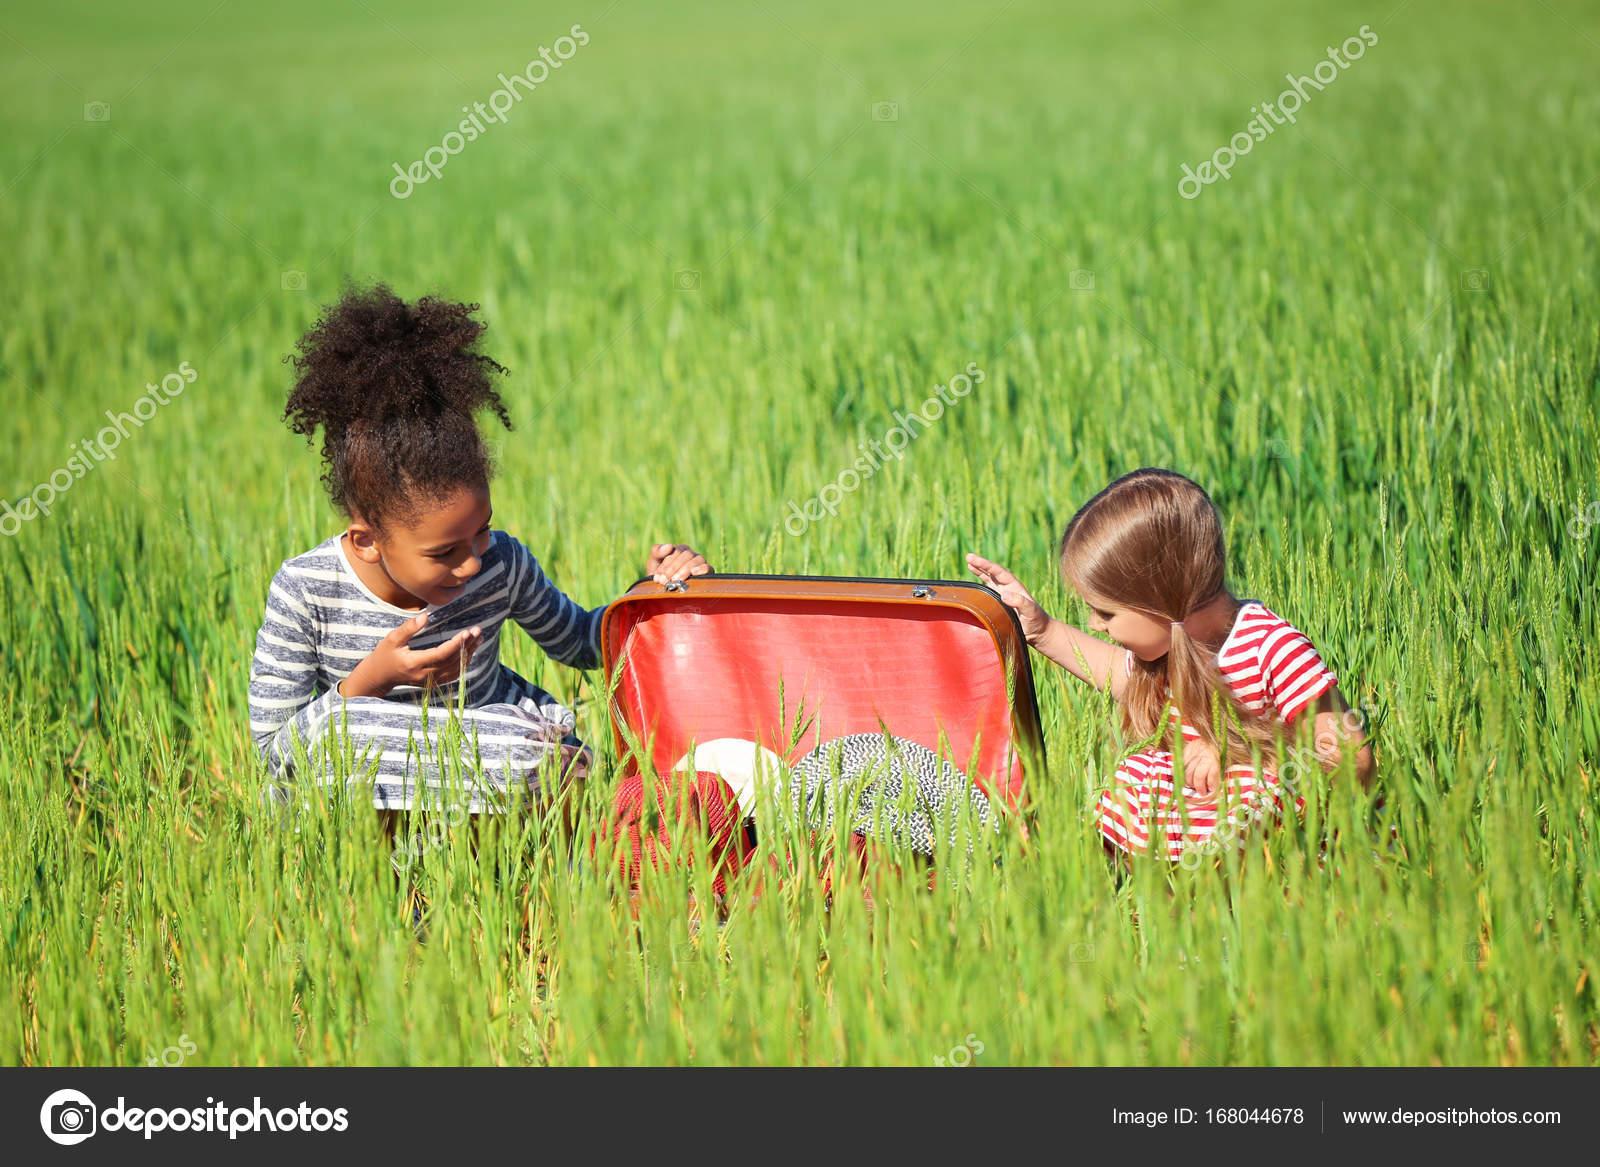 Glückliche Kleine Mädchen Mit Koffer Im Grünen Bereich Stockfoto